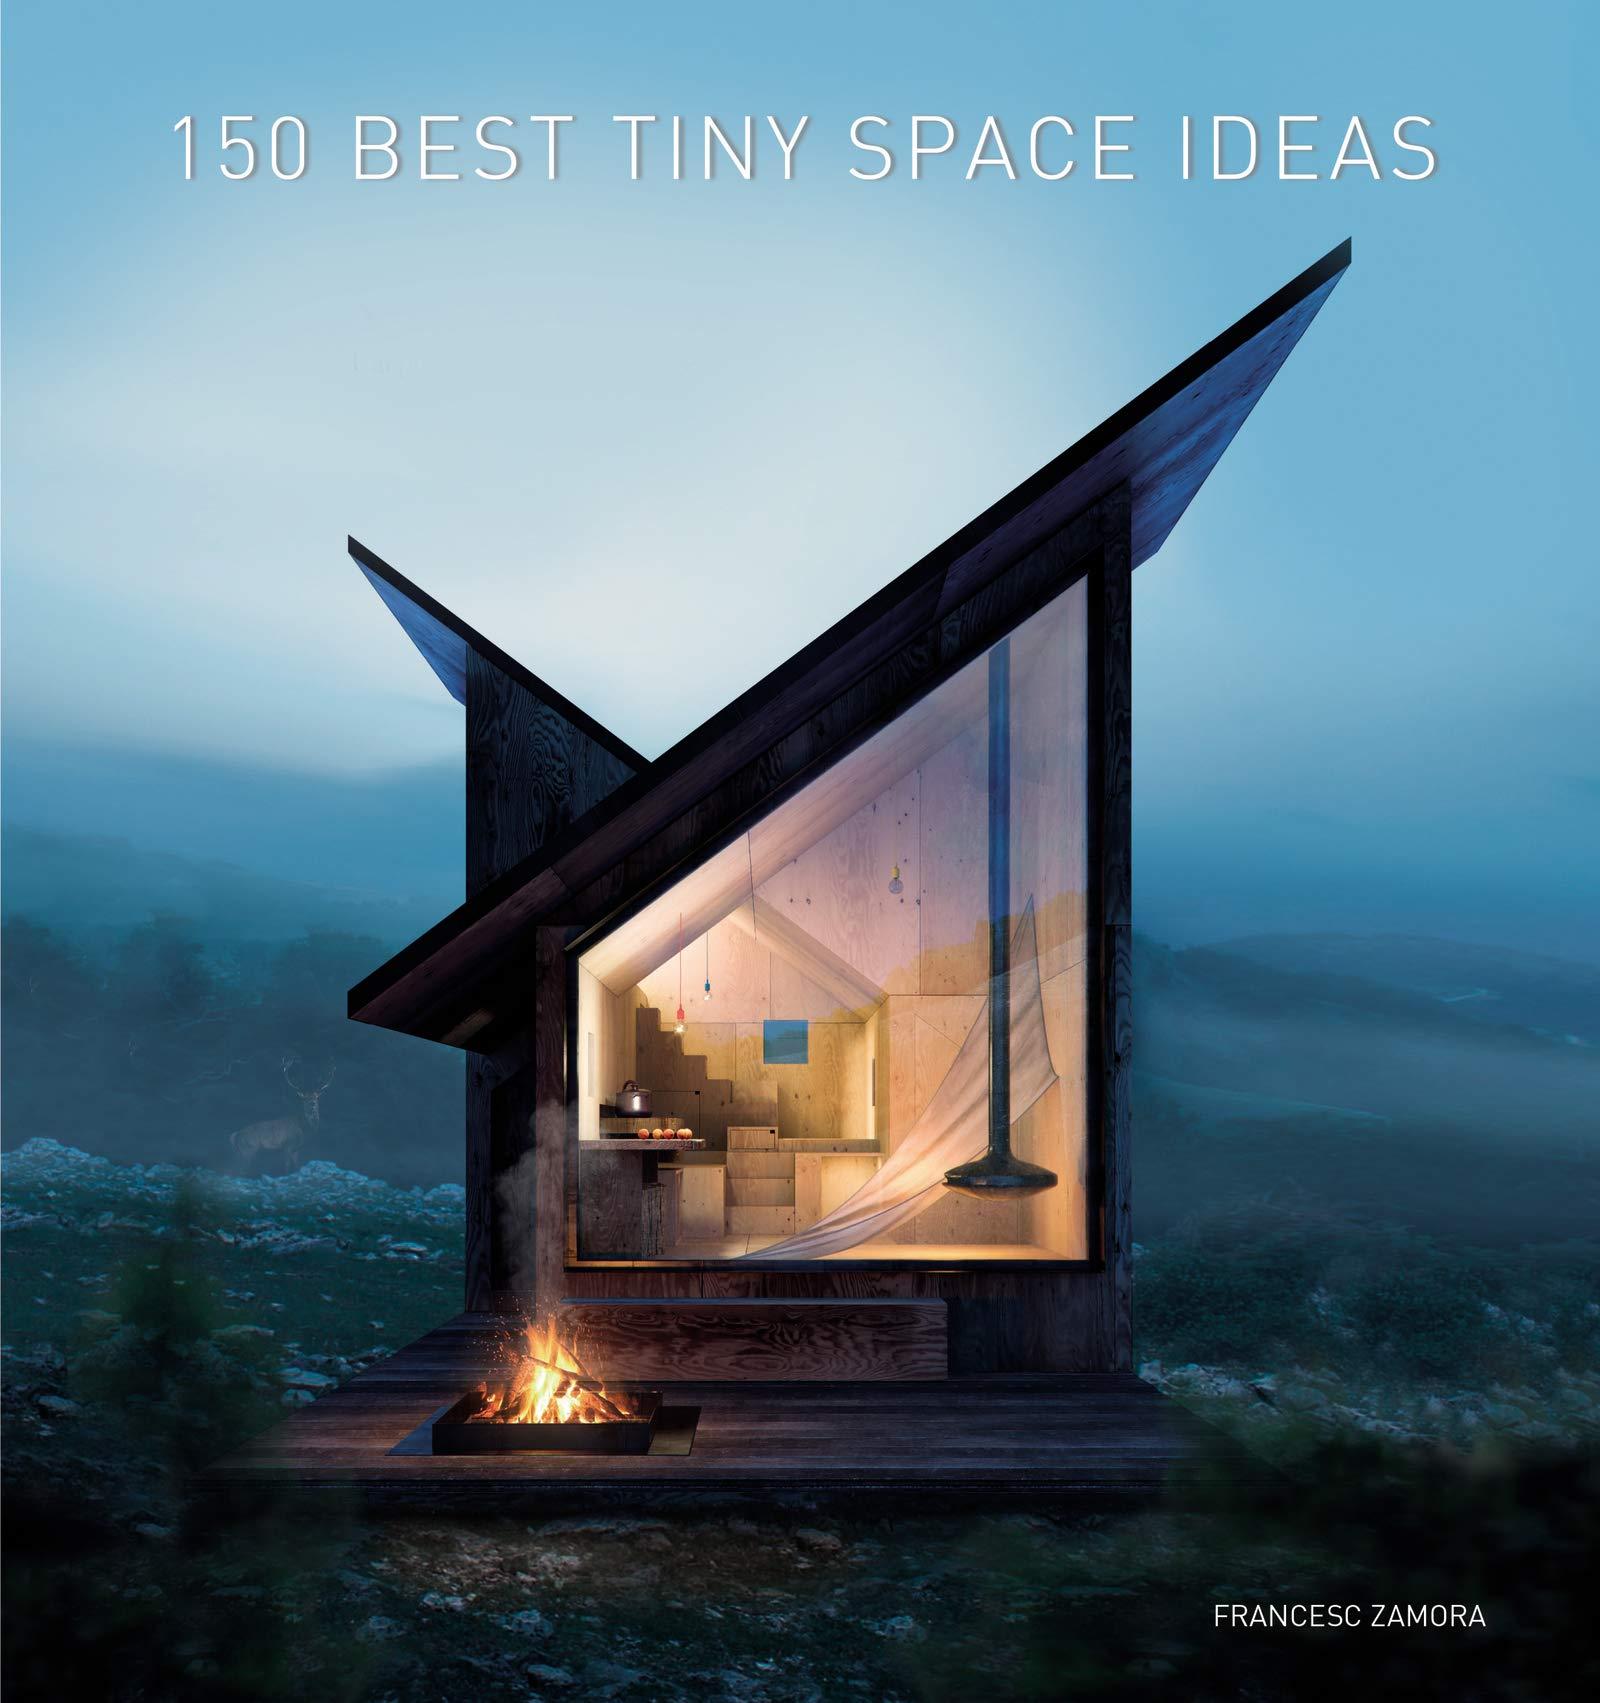 150 Best Tiny Space Ideas Francesc Zamora 9780062909220 Amazon